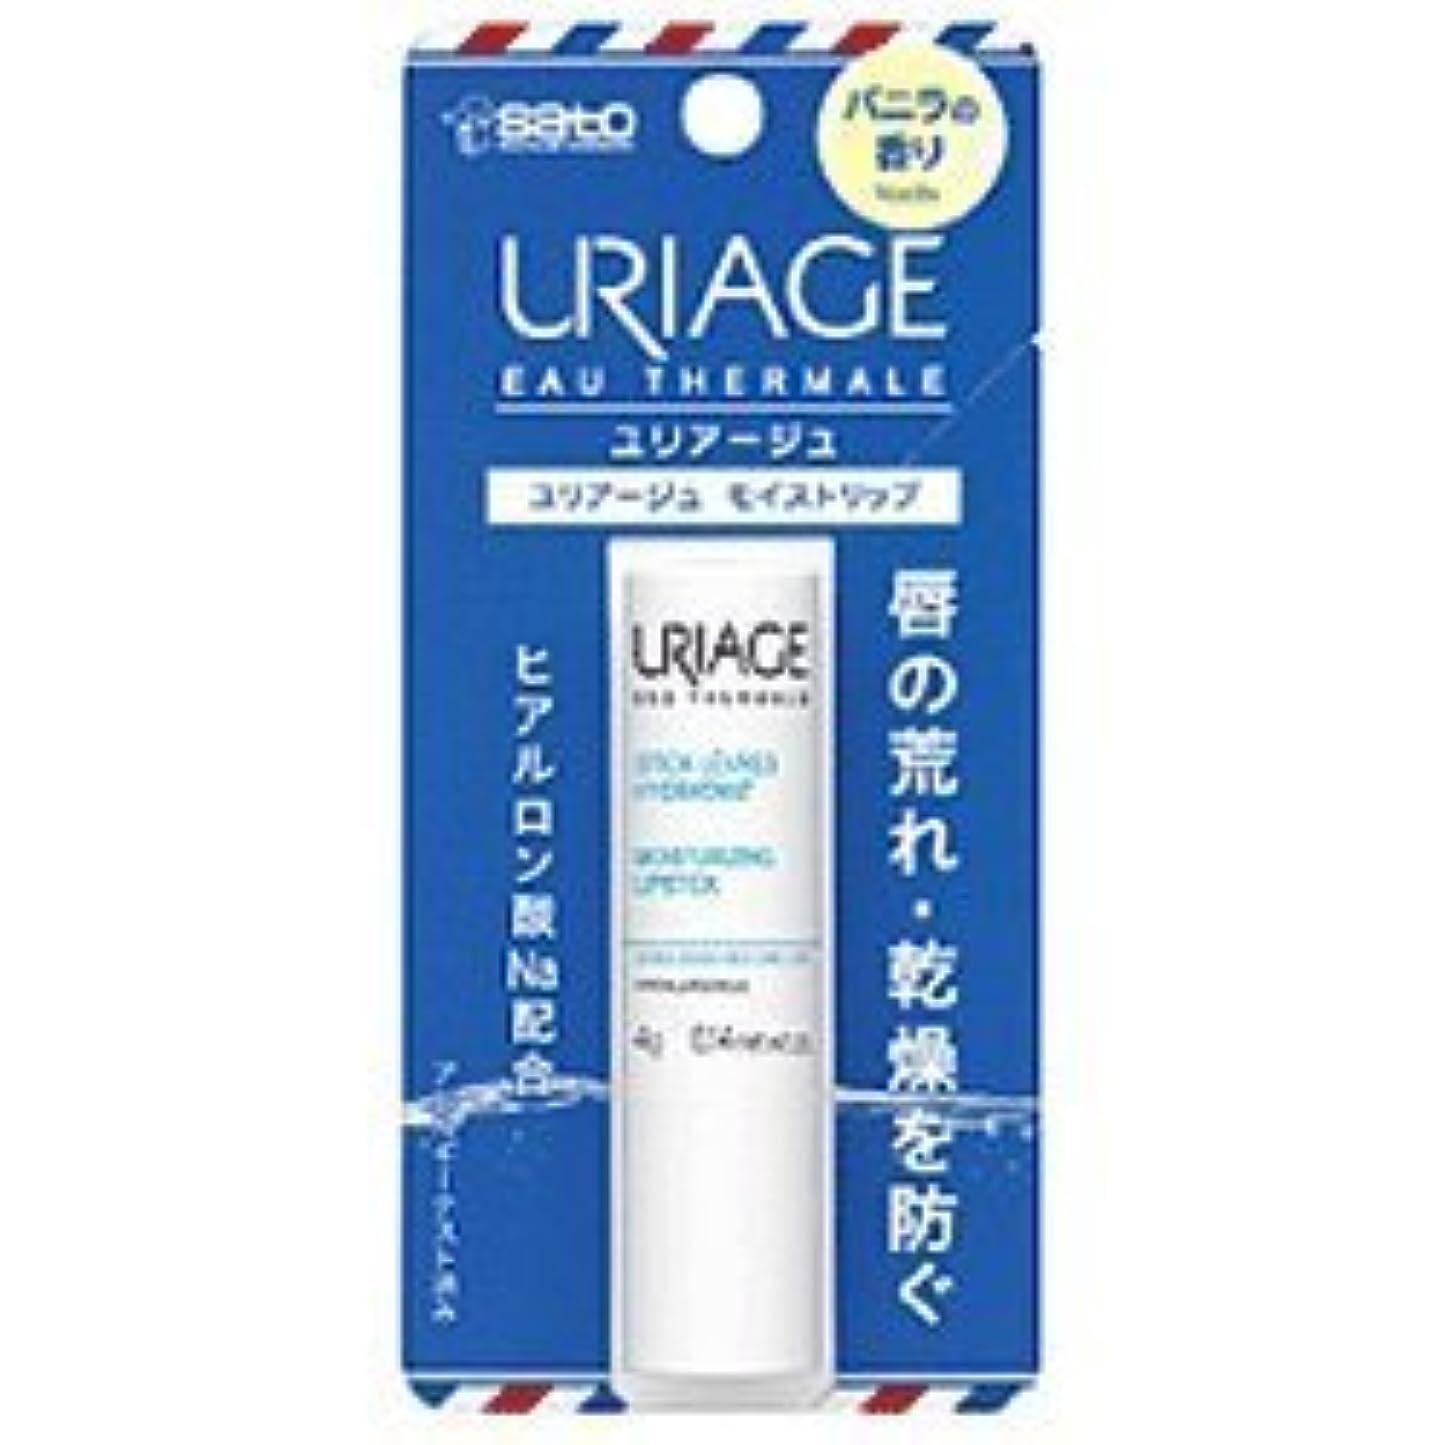 特別な箱充実【佐藤製薬】URIAGE (ユリアージュ) モイストリップ 4g <バニラの香り>?×3